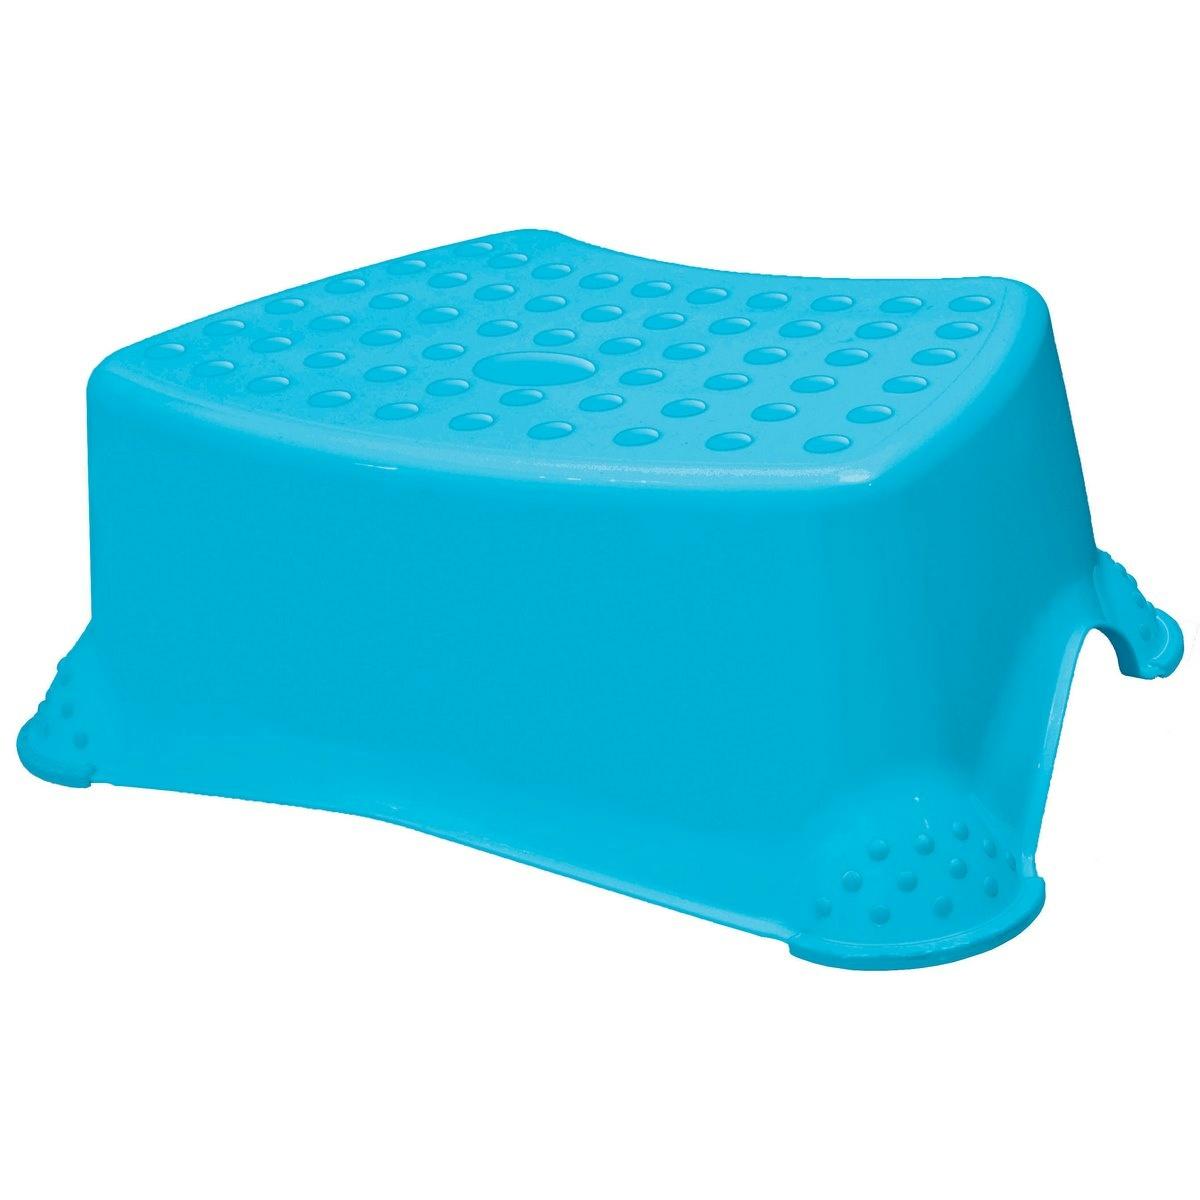 Stolička KEEEPER 40,5 x 28,5 x 14 cm modrý